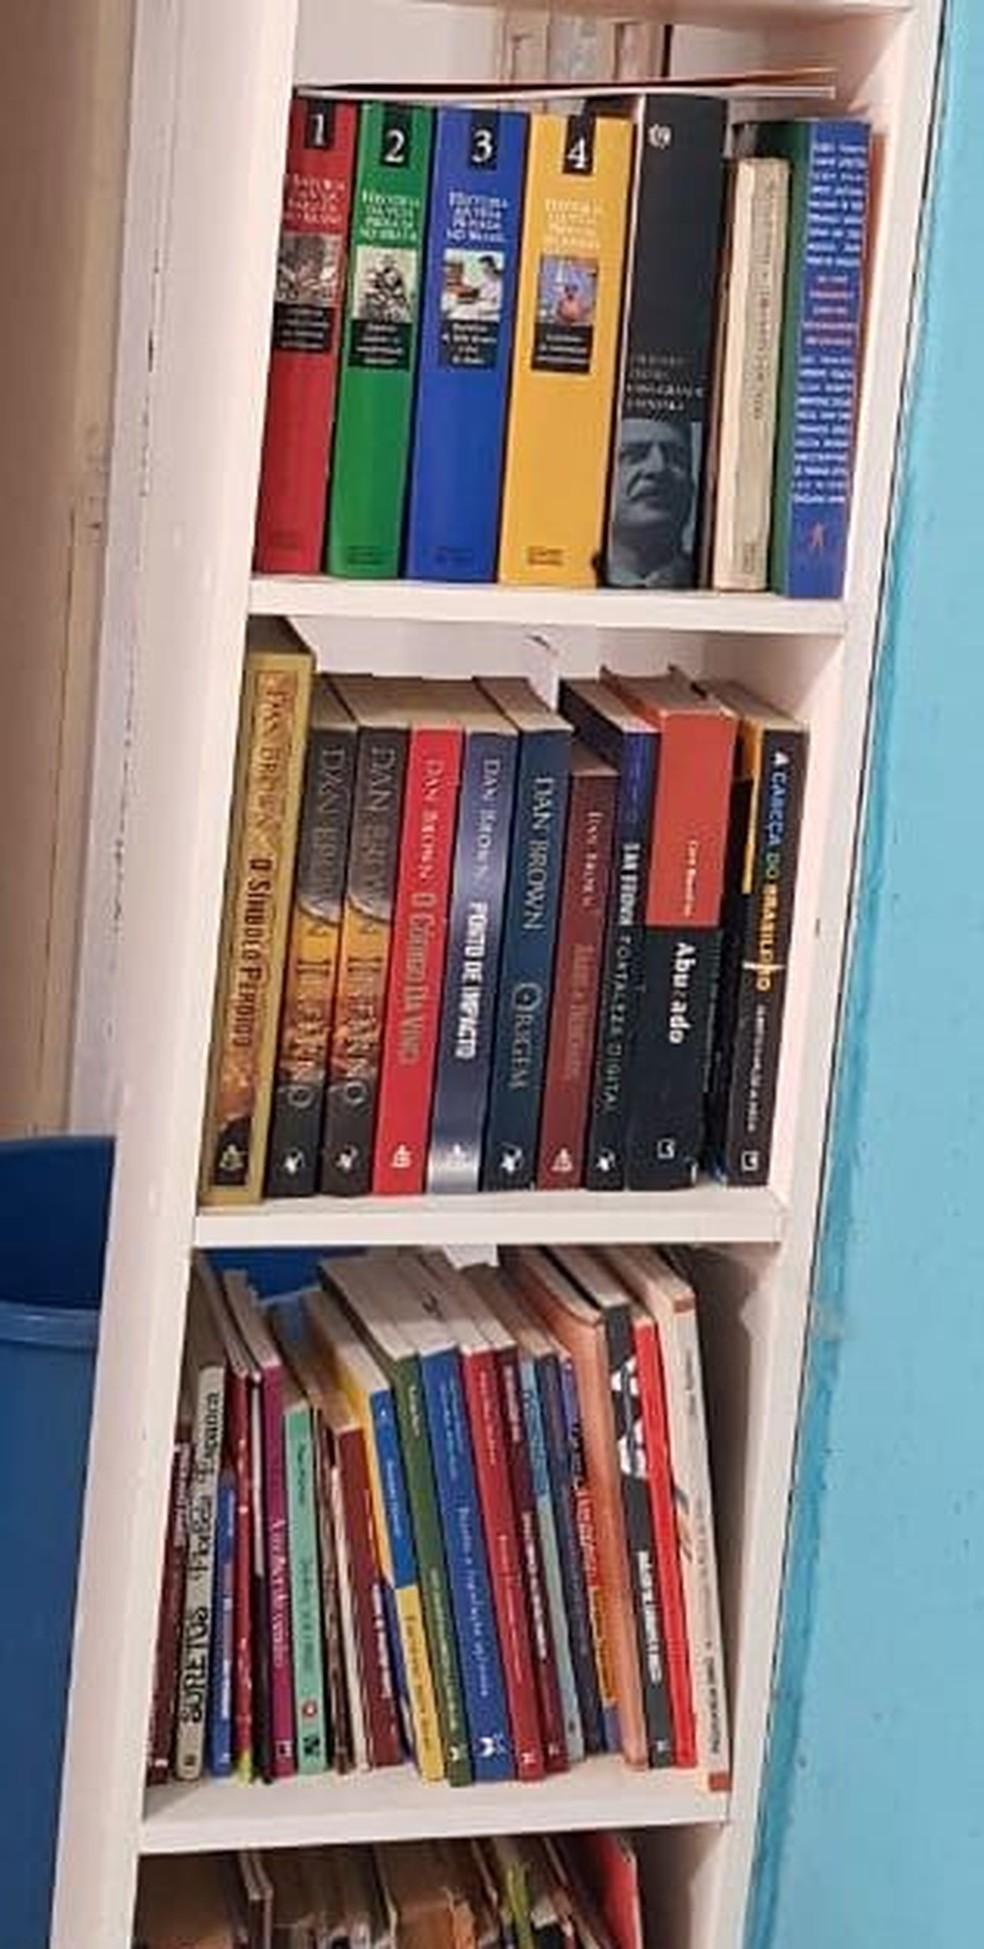 Educador social decidiu emprestar coleção de livros a vizinhos na região do Jardim Campo Belo I, em Campinas (SP) — Foto: Alex Bahia/Arquivo pessoal